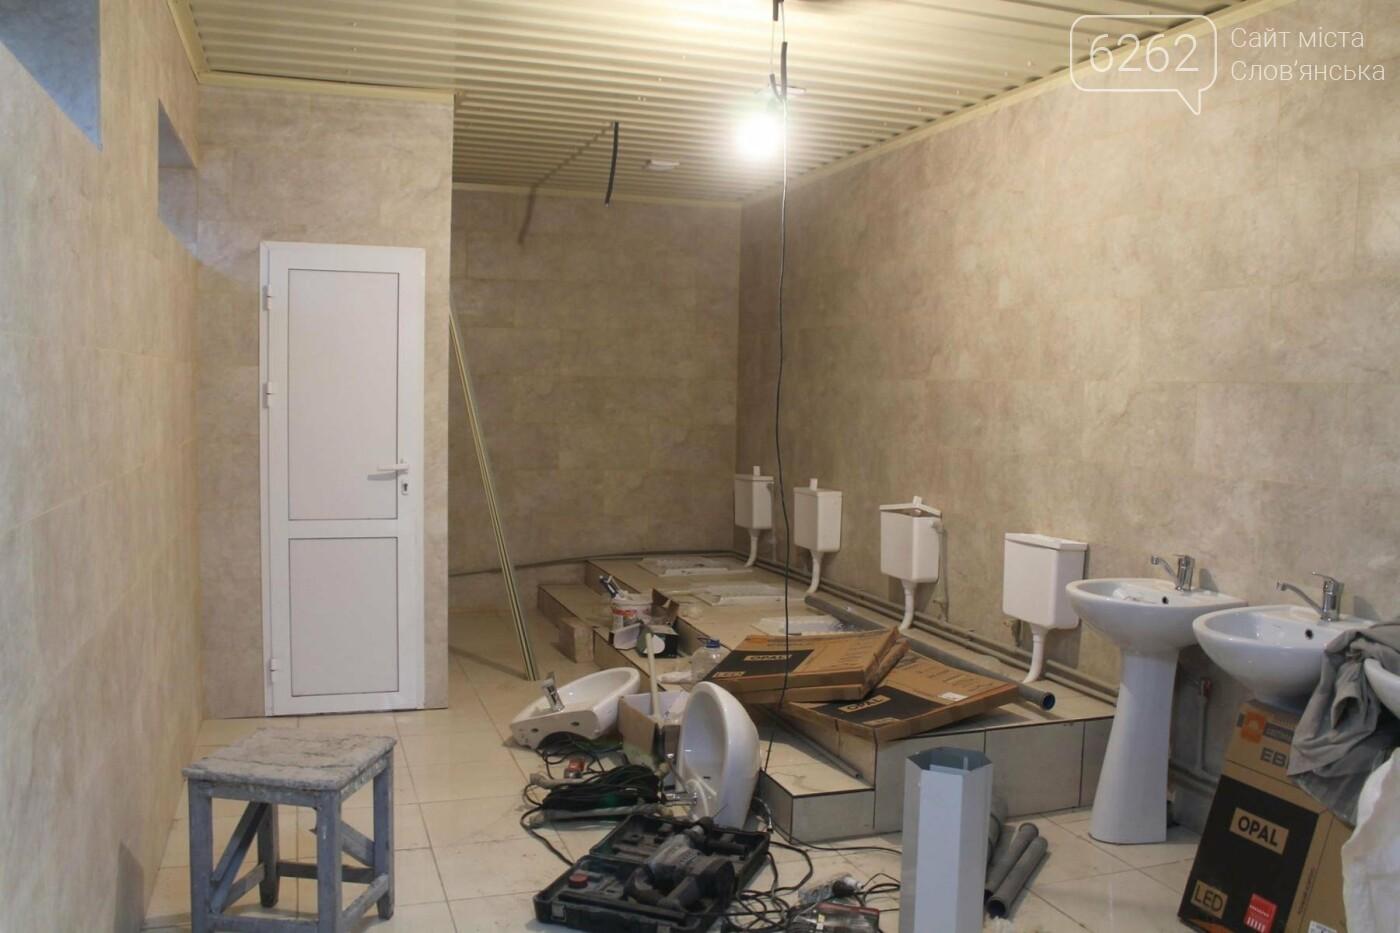 Как выглядит общественный туалет в славянском парке за 1,5 млн гривен, фото-2